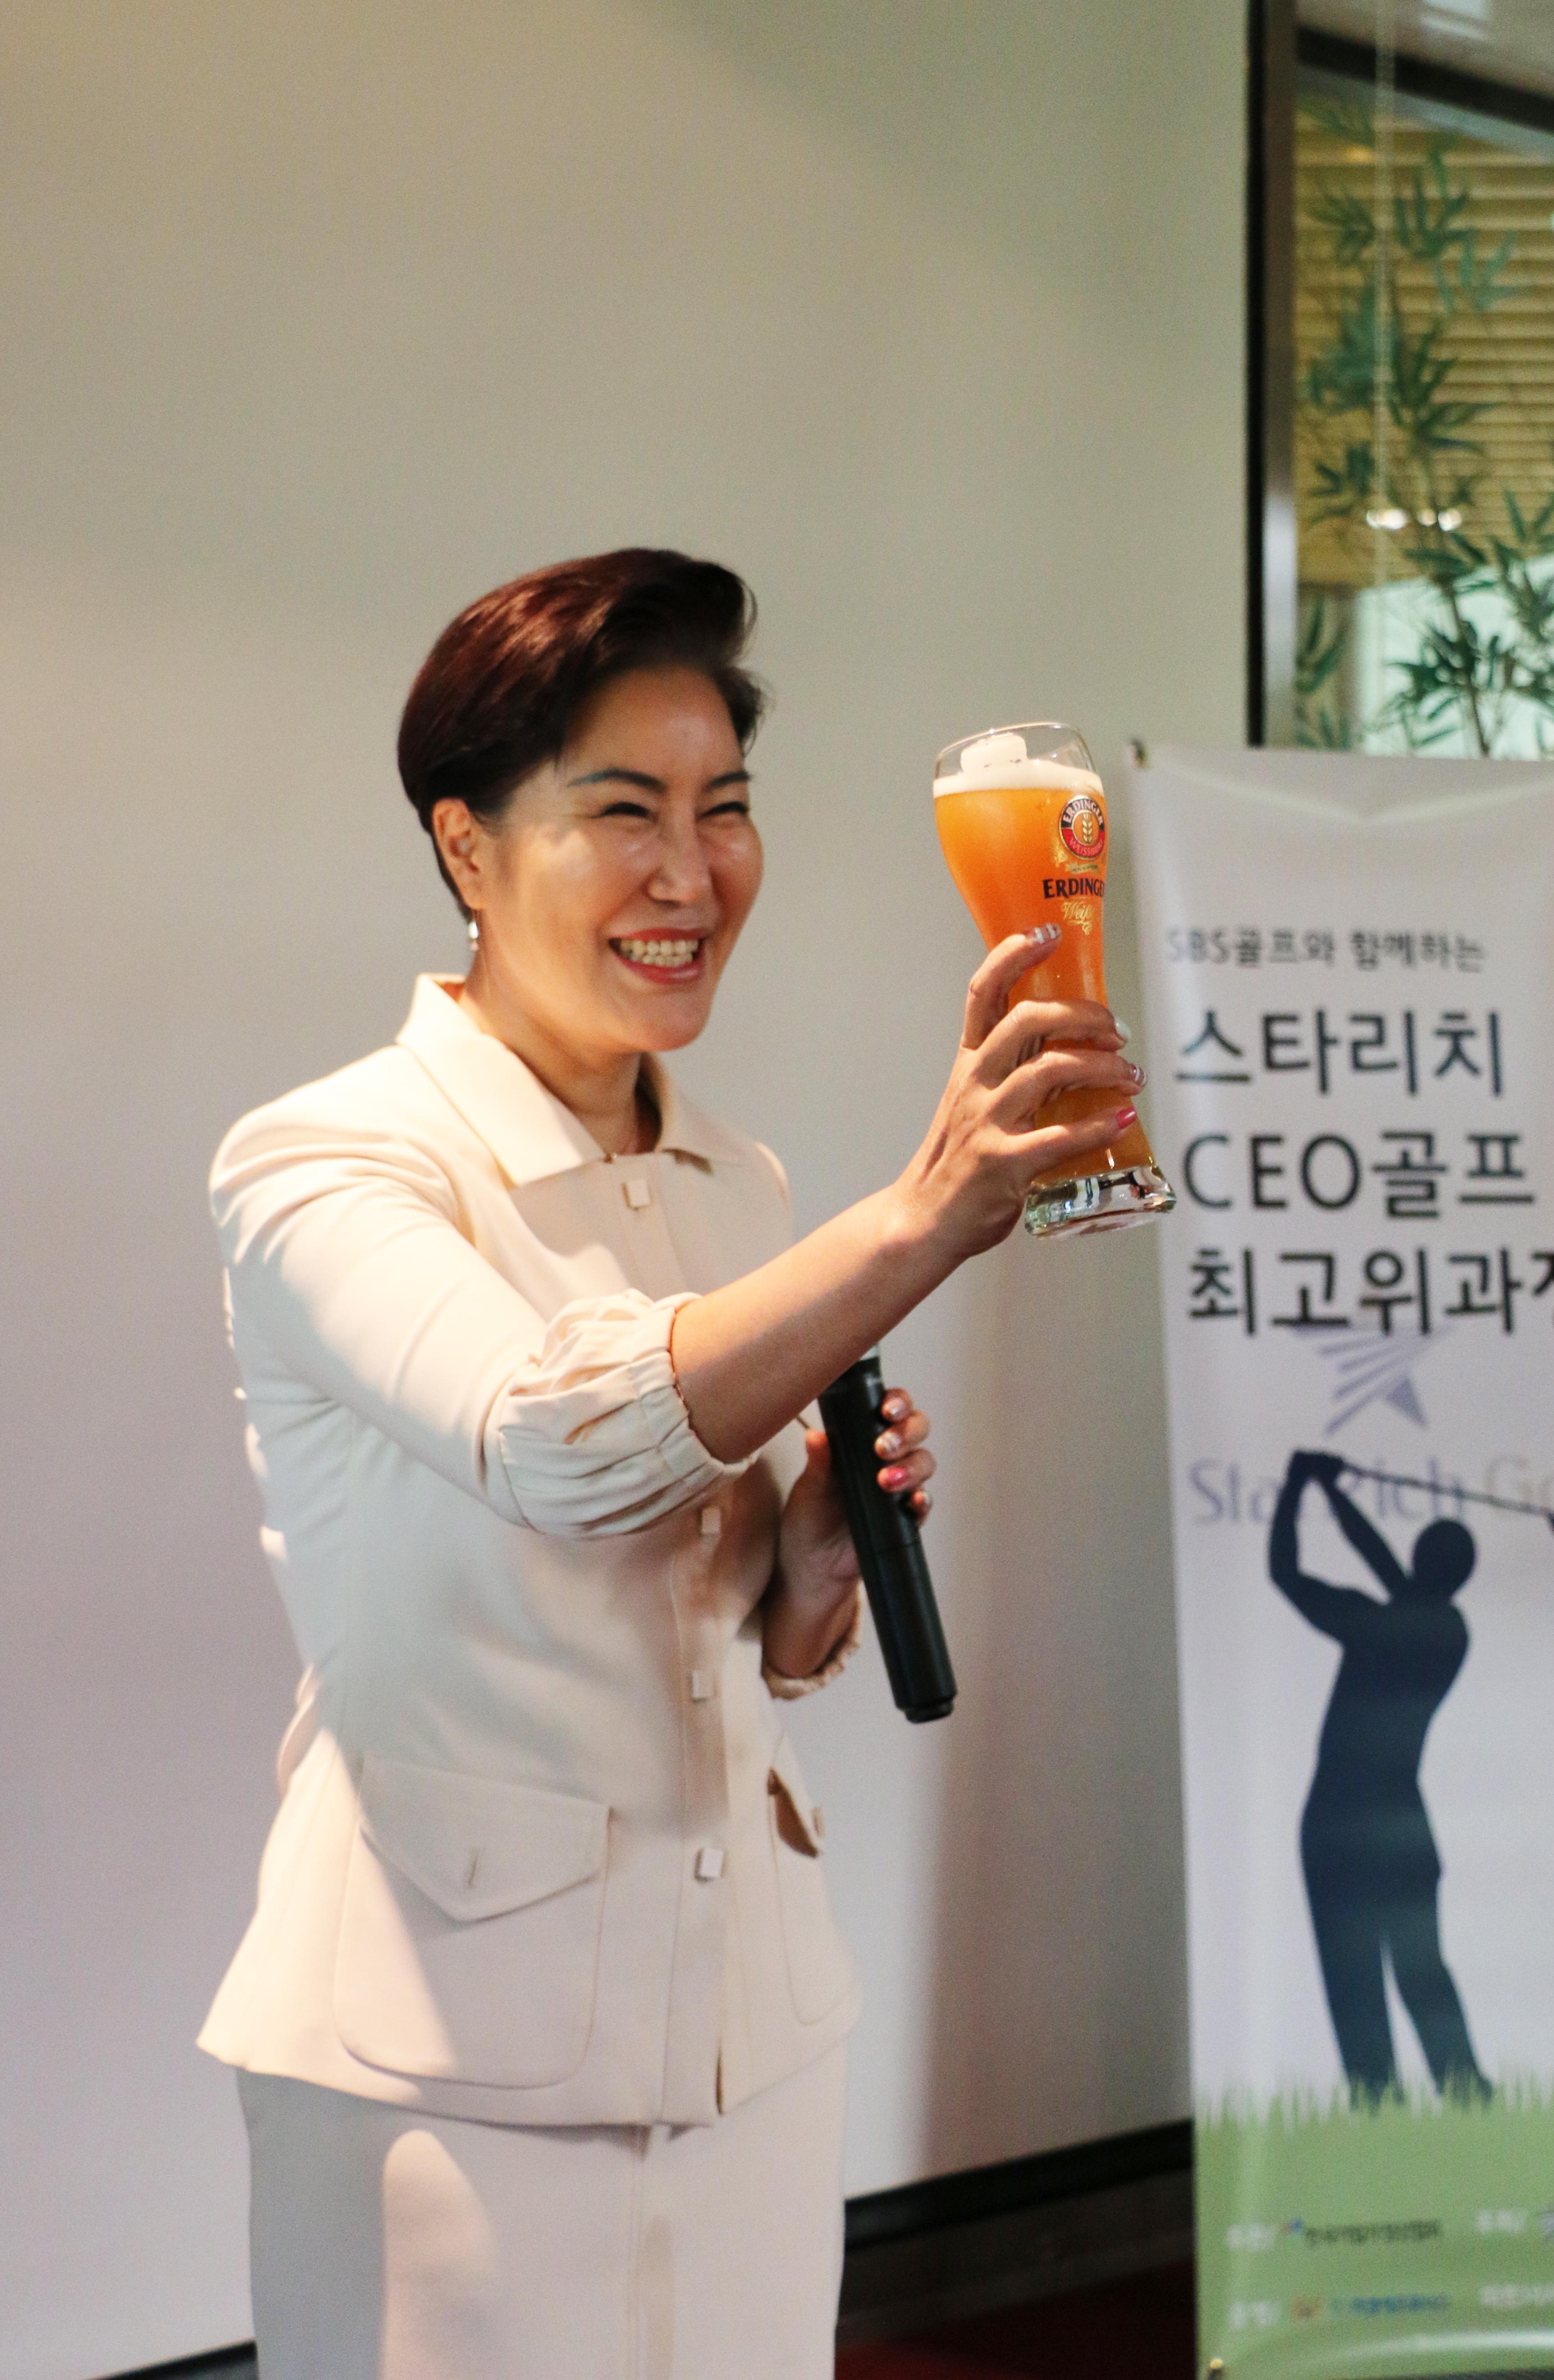 11주차 휘슬링락&졸업식